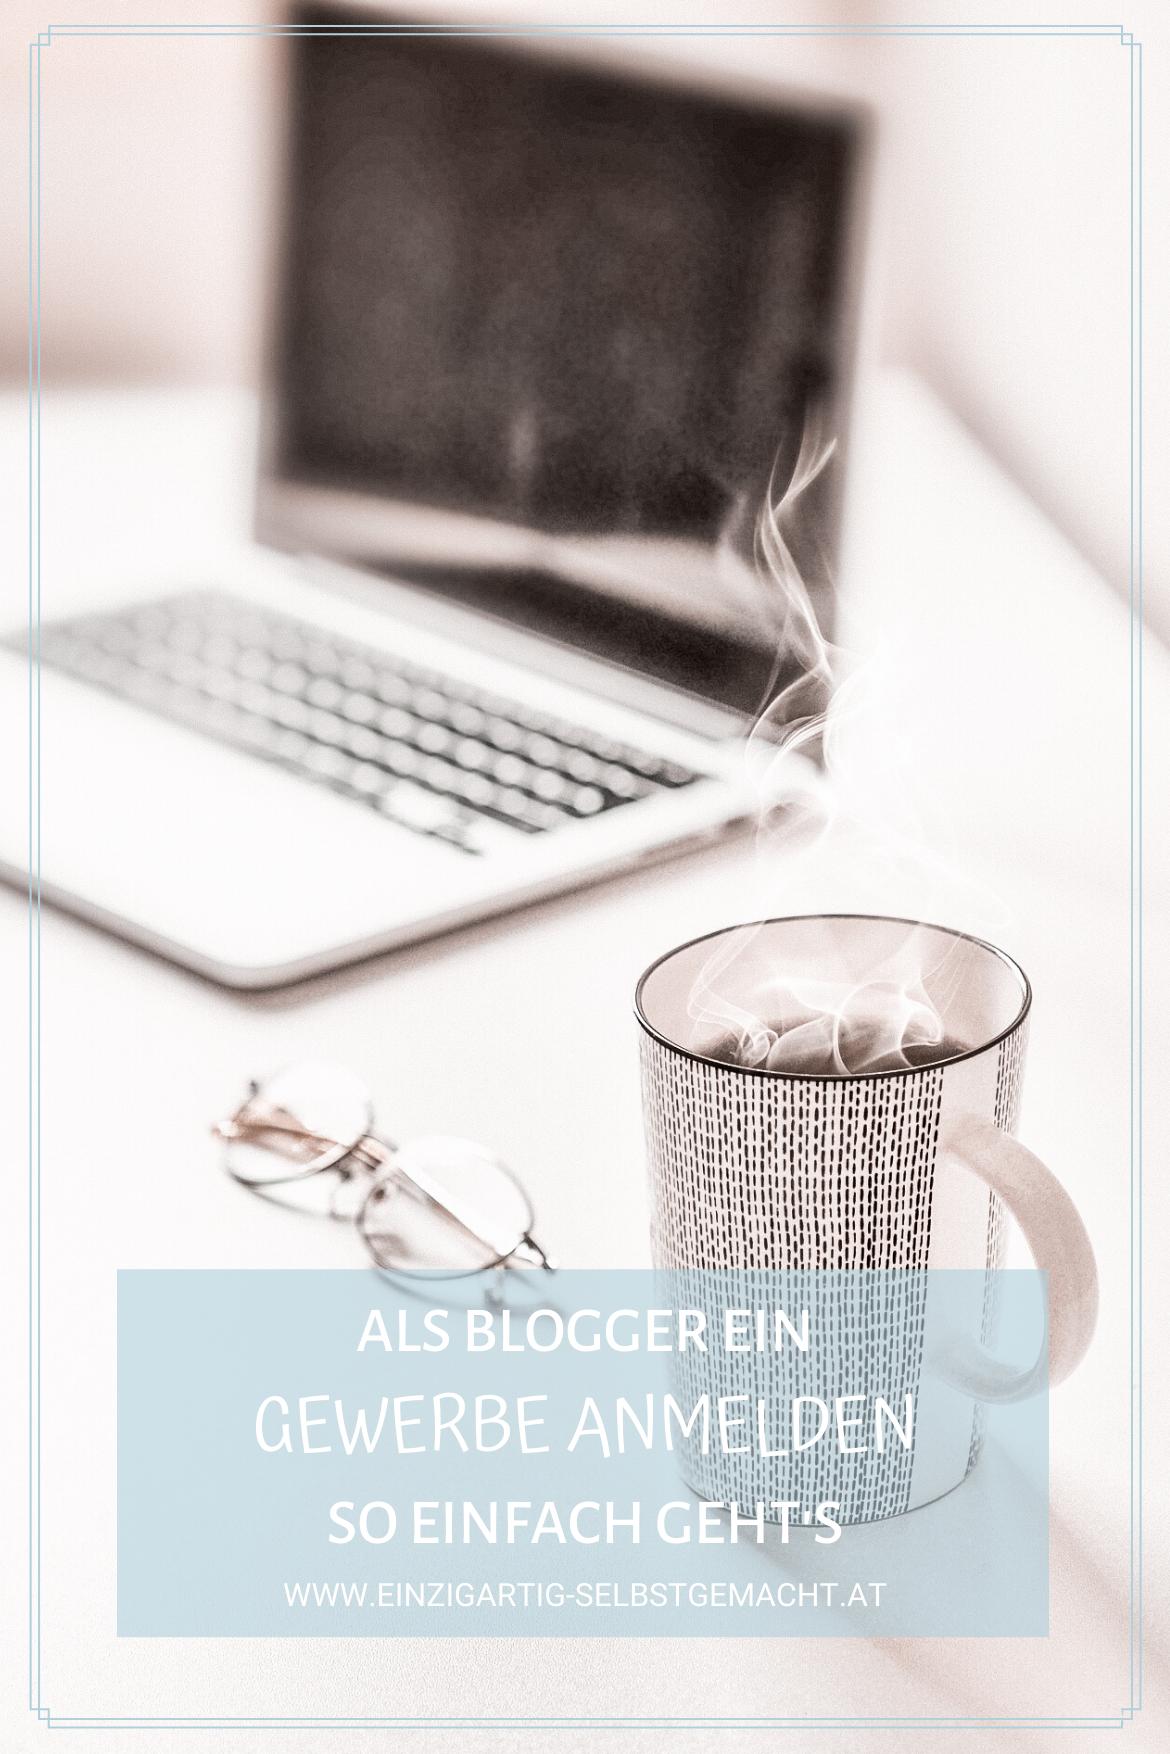 Gewerbe-anmelden-als-blogger